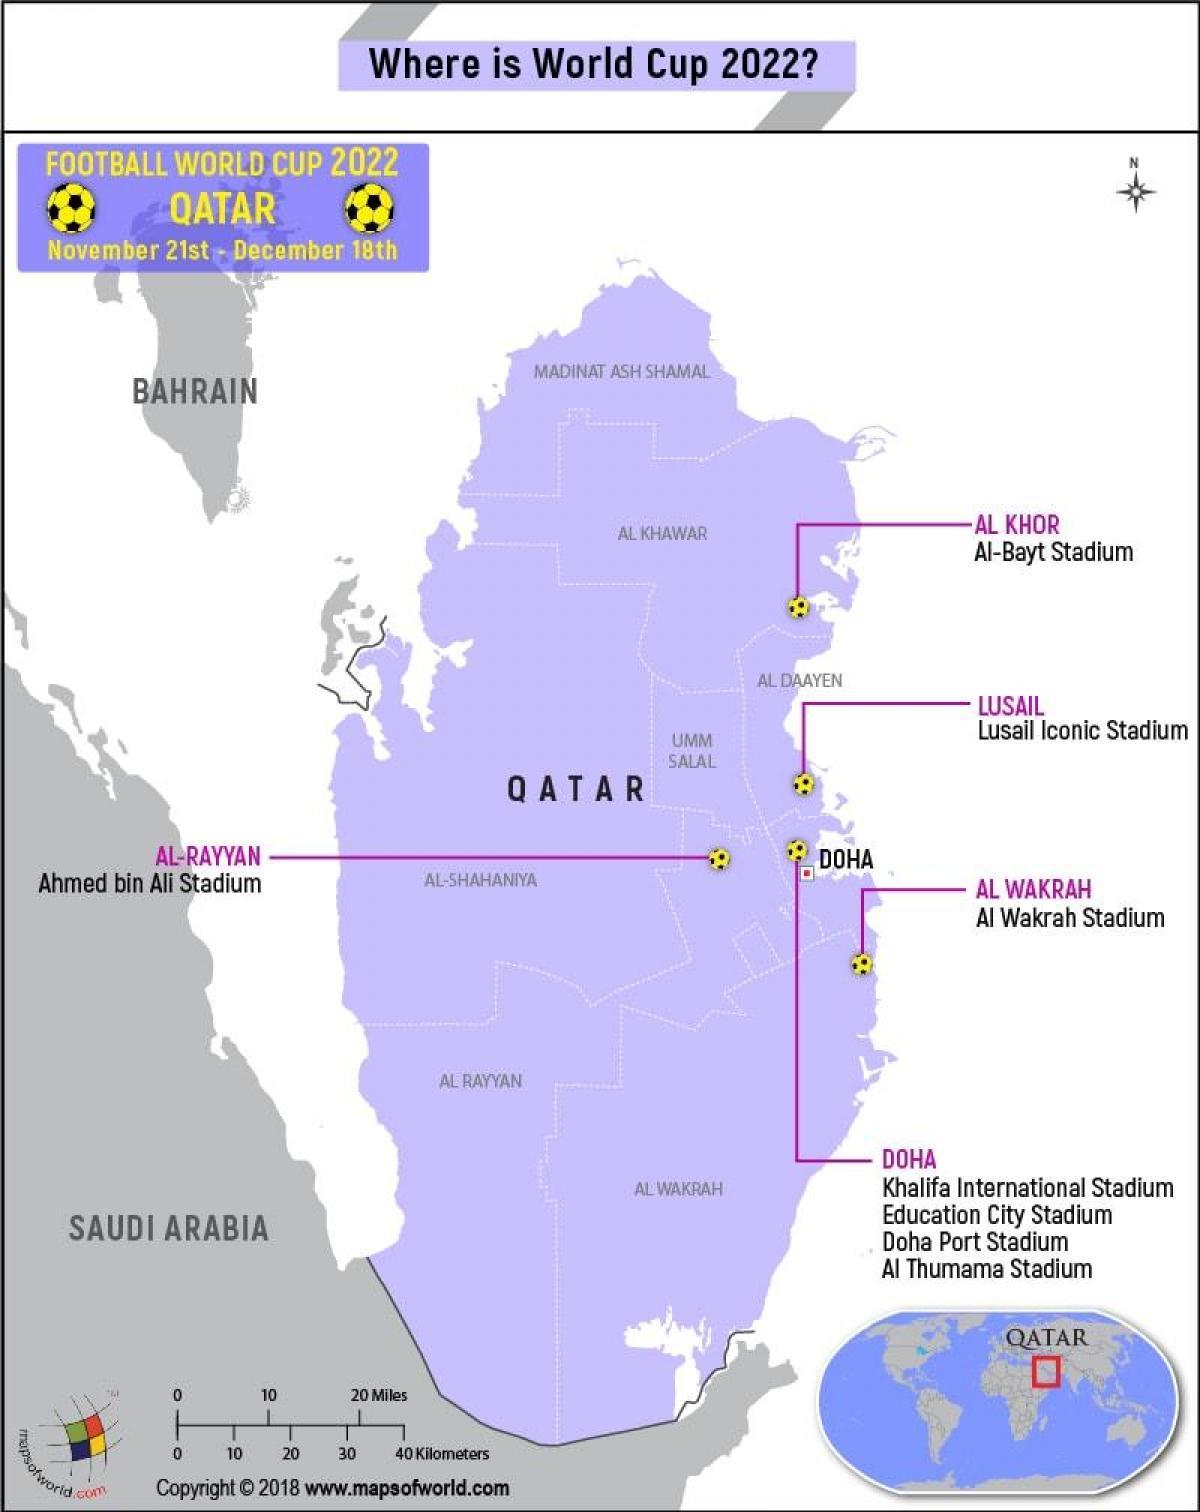 Carte Du Monde Qatar.Le Qatar De La Coupe Du Monde Des Stades De La Carte Carte De